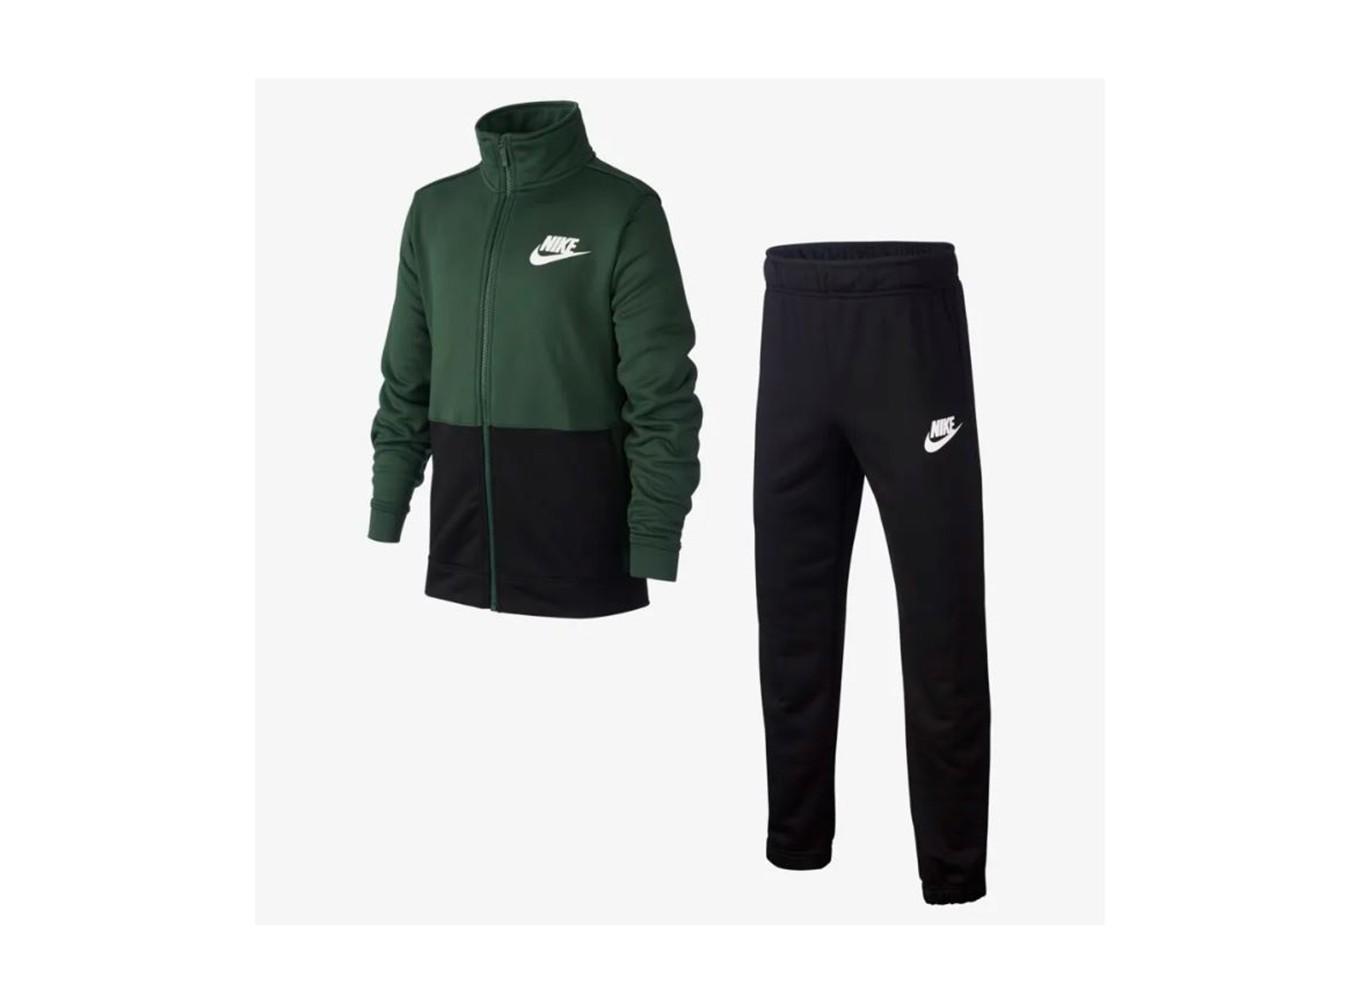 d9fb3c7a869ac Chándal Nike Sportswear niño